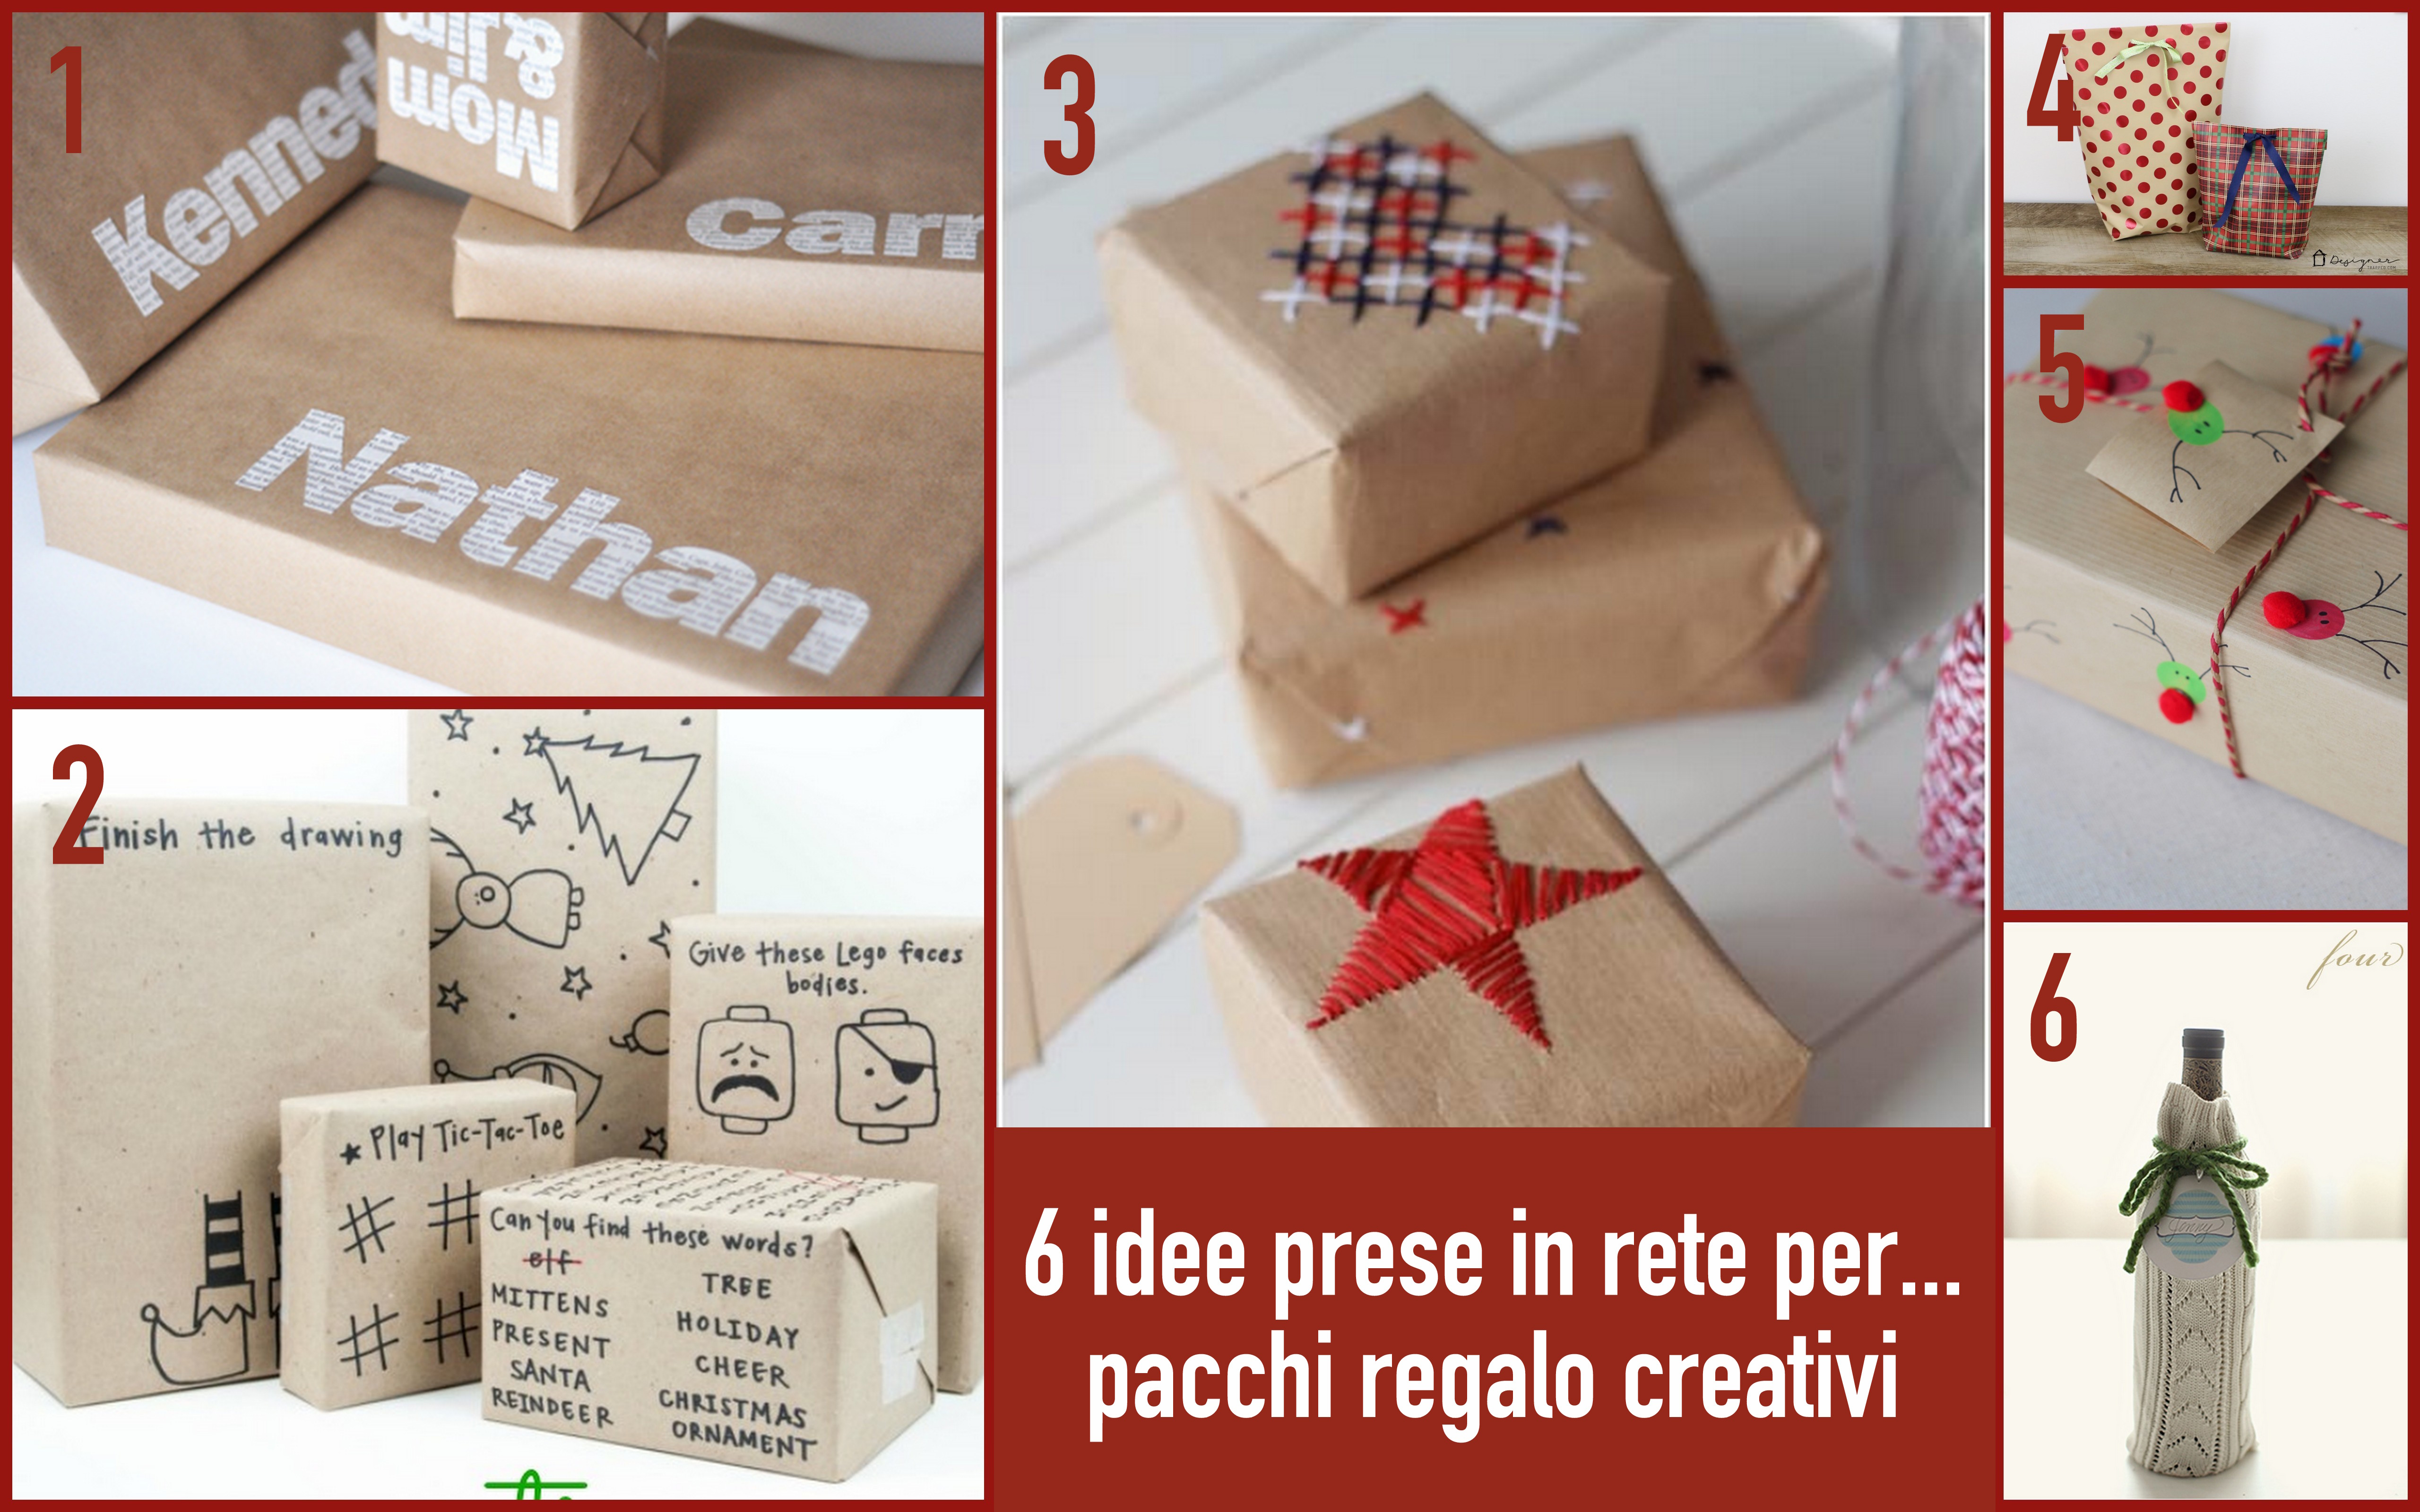 idee per creare pacchi regalo originali